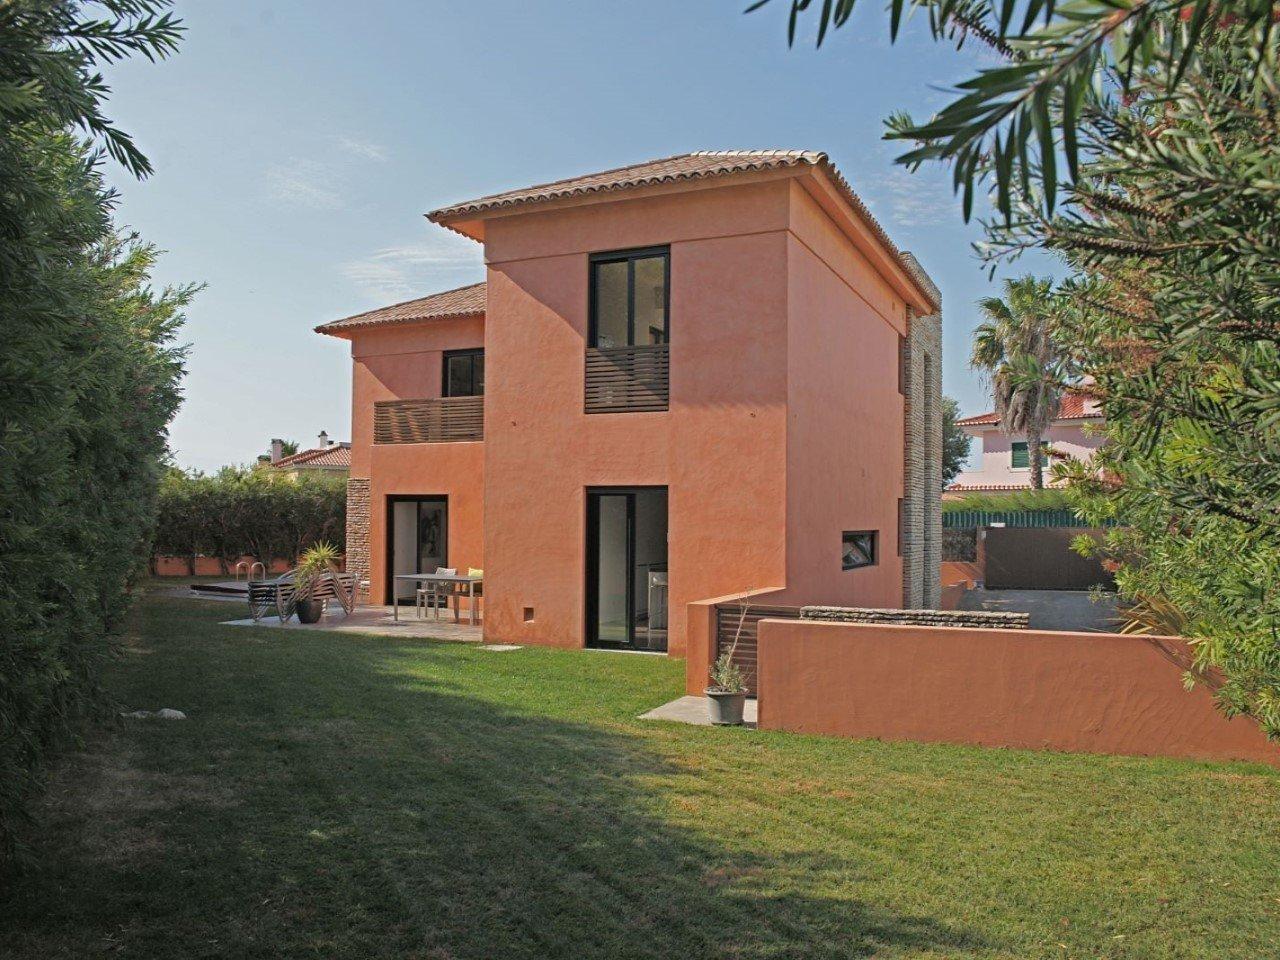 4 Bedroom Villa Cascais, Lisbon Ref: AVM216